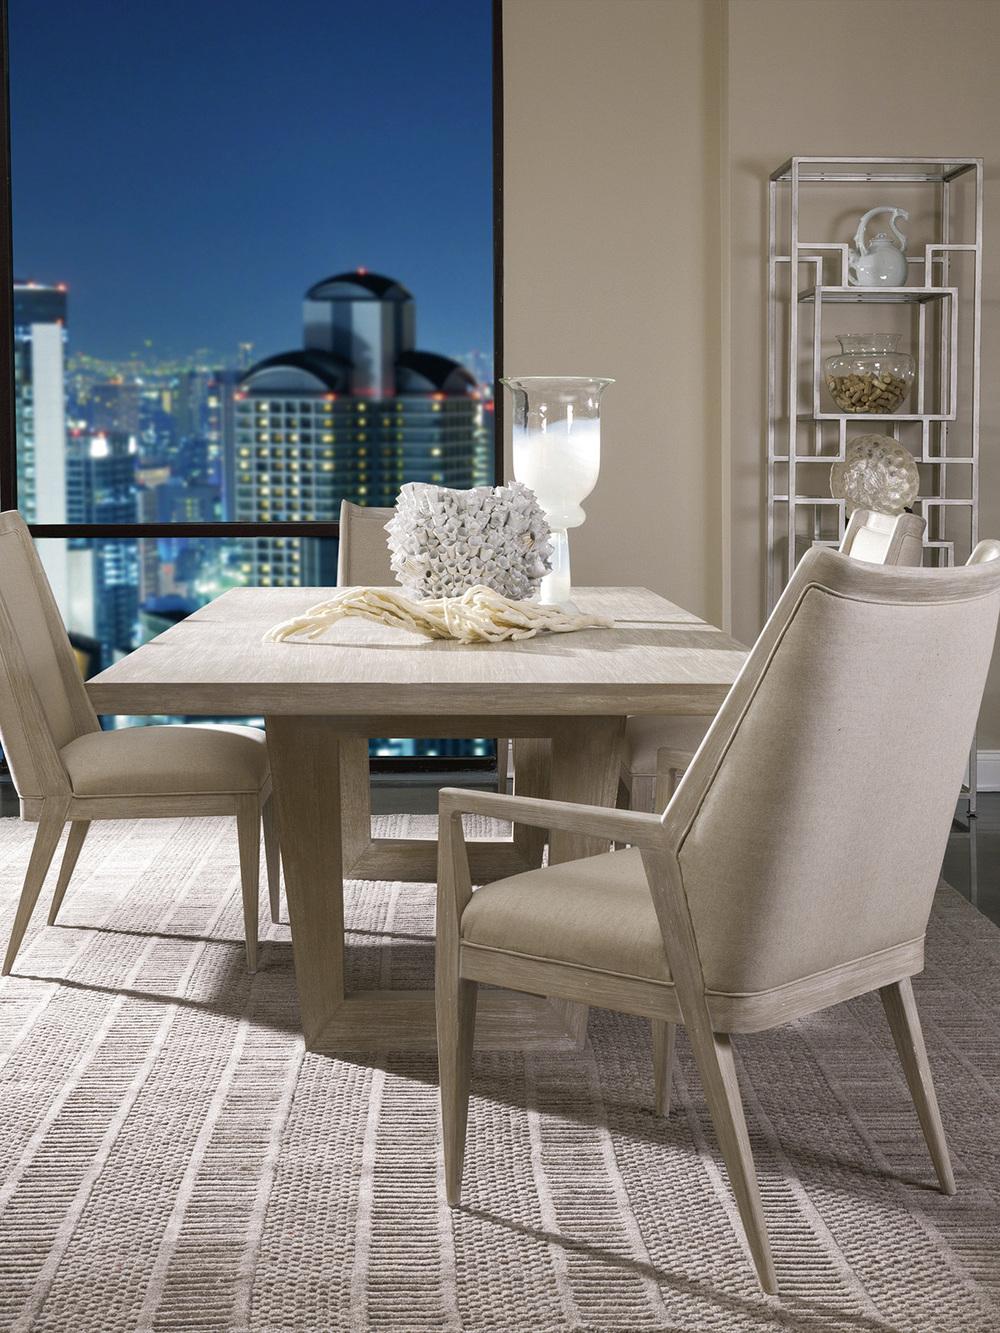 Artistica Home - Haiku Arm Chair